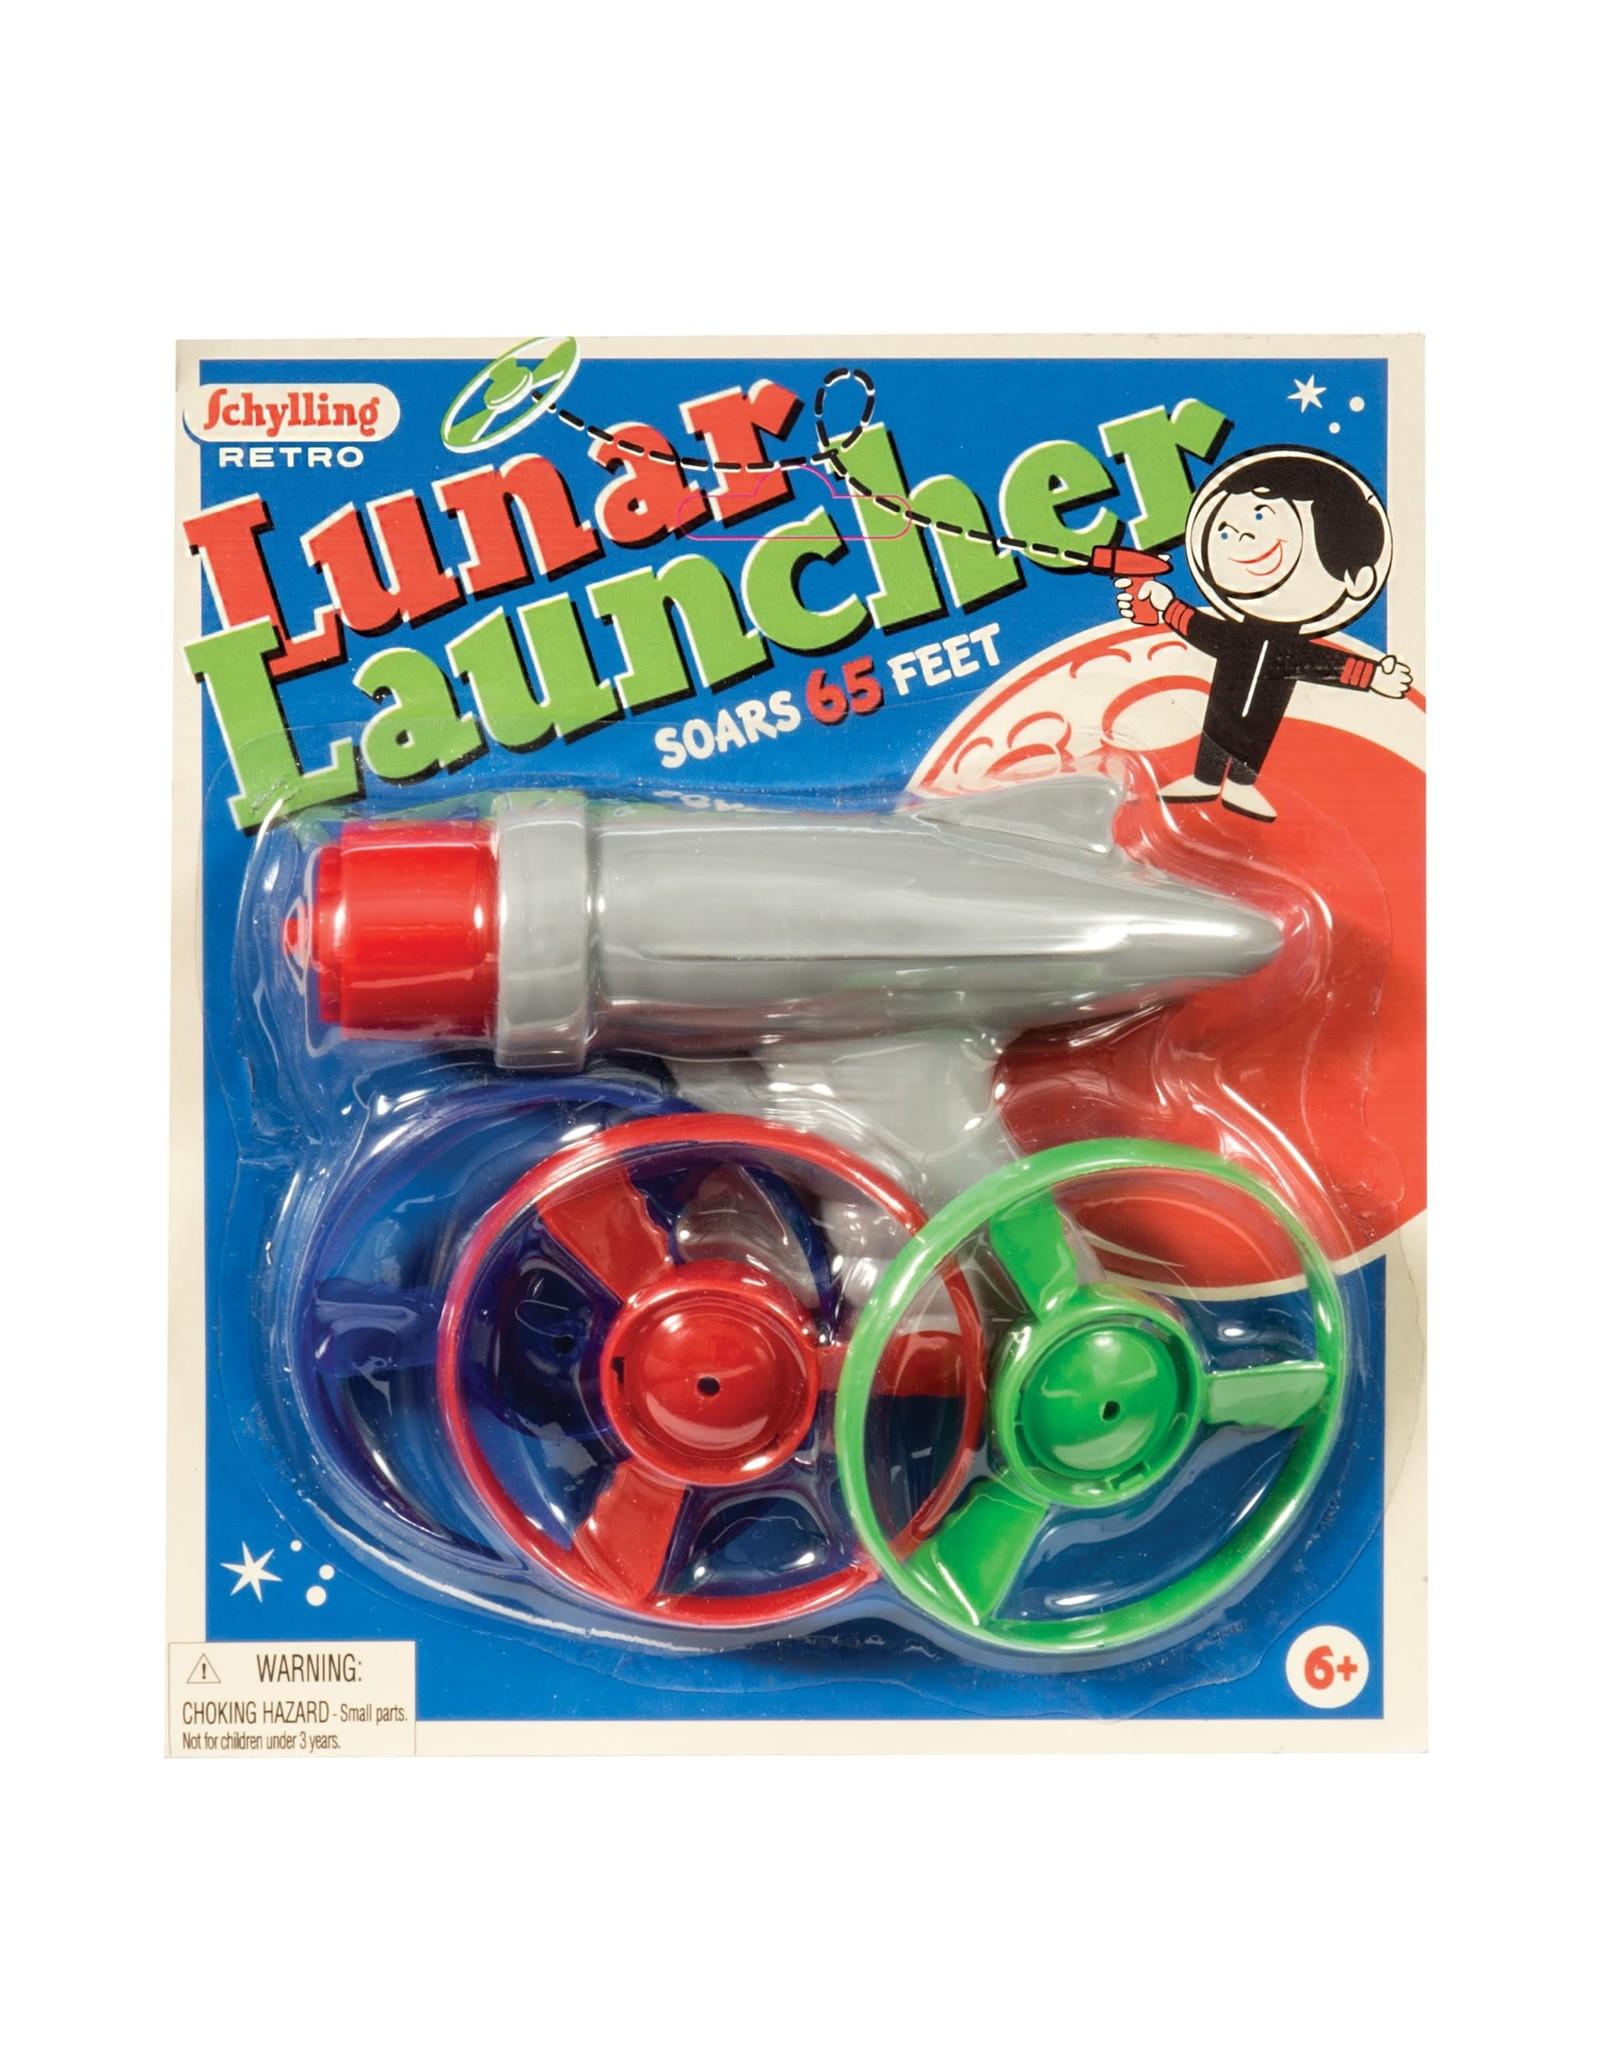 Schylling Lunar Launcher